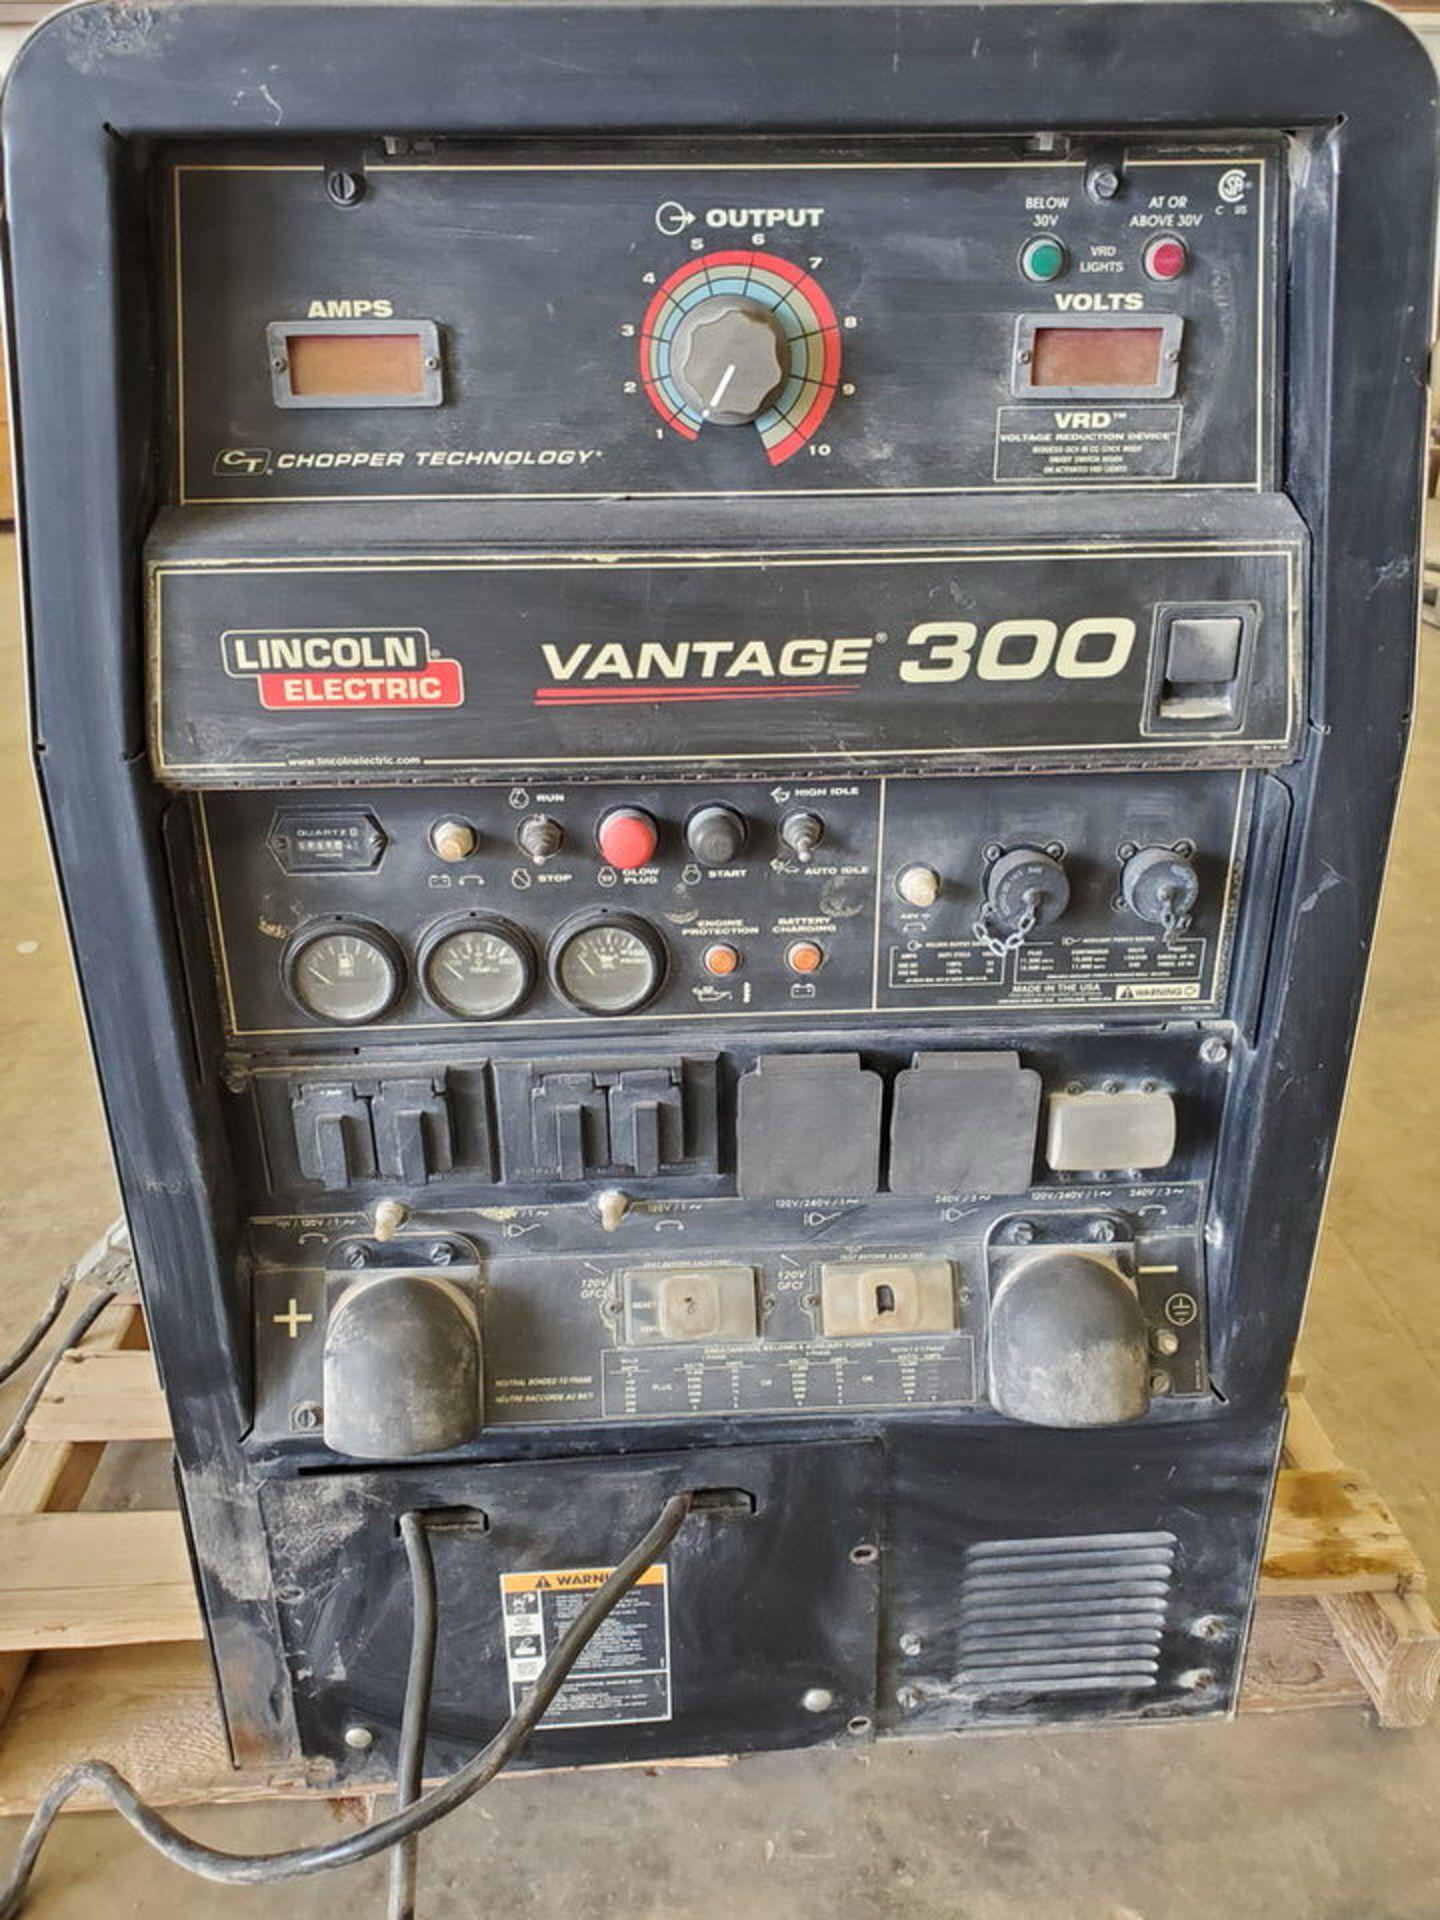 LE Ele Vantage 300 Multiprocessing Welder 120/240V, 60HZ, 300A, 1/3PH, 4,050.4HRS; 4 Cyl Kubota - Image 5 of 10